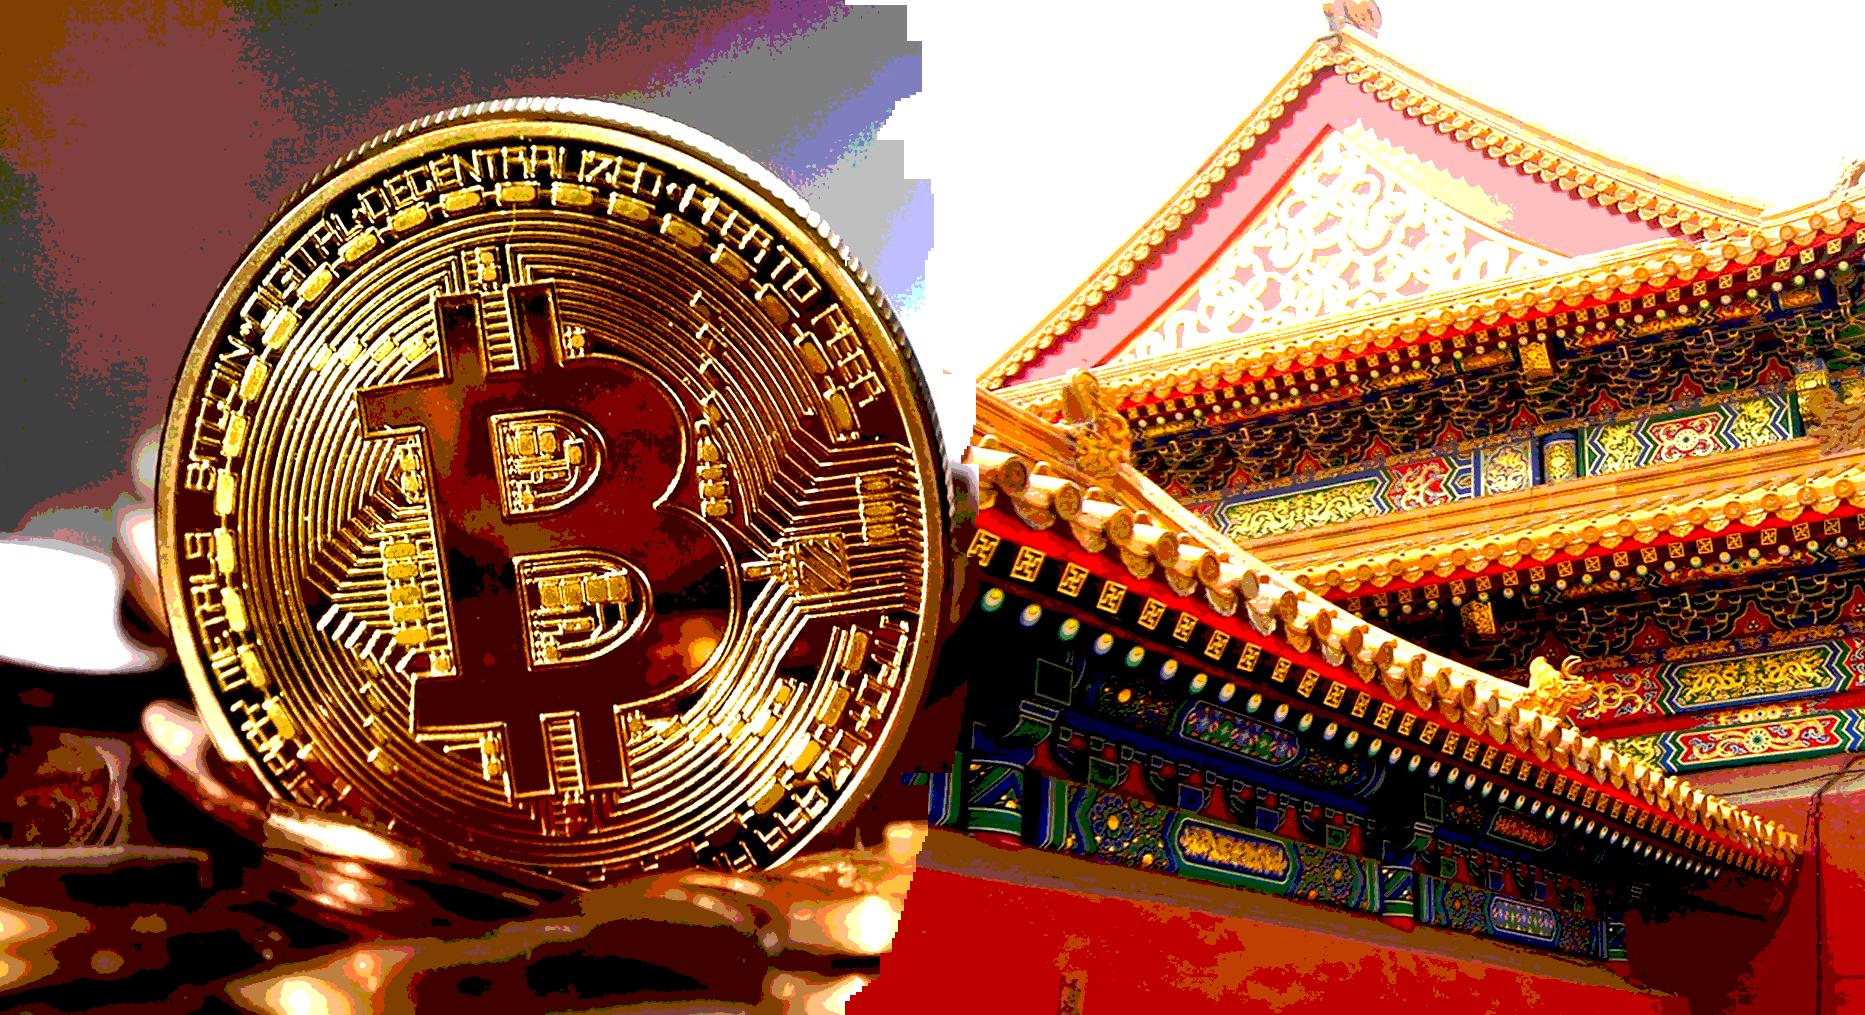 Информация о легализации криптобирж в Китае не соответствует действительности